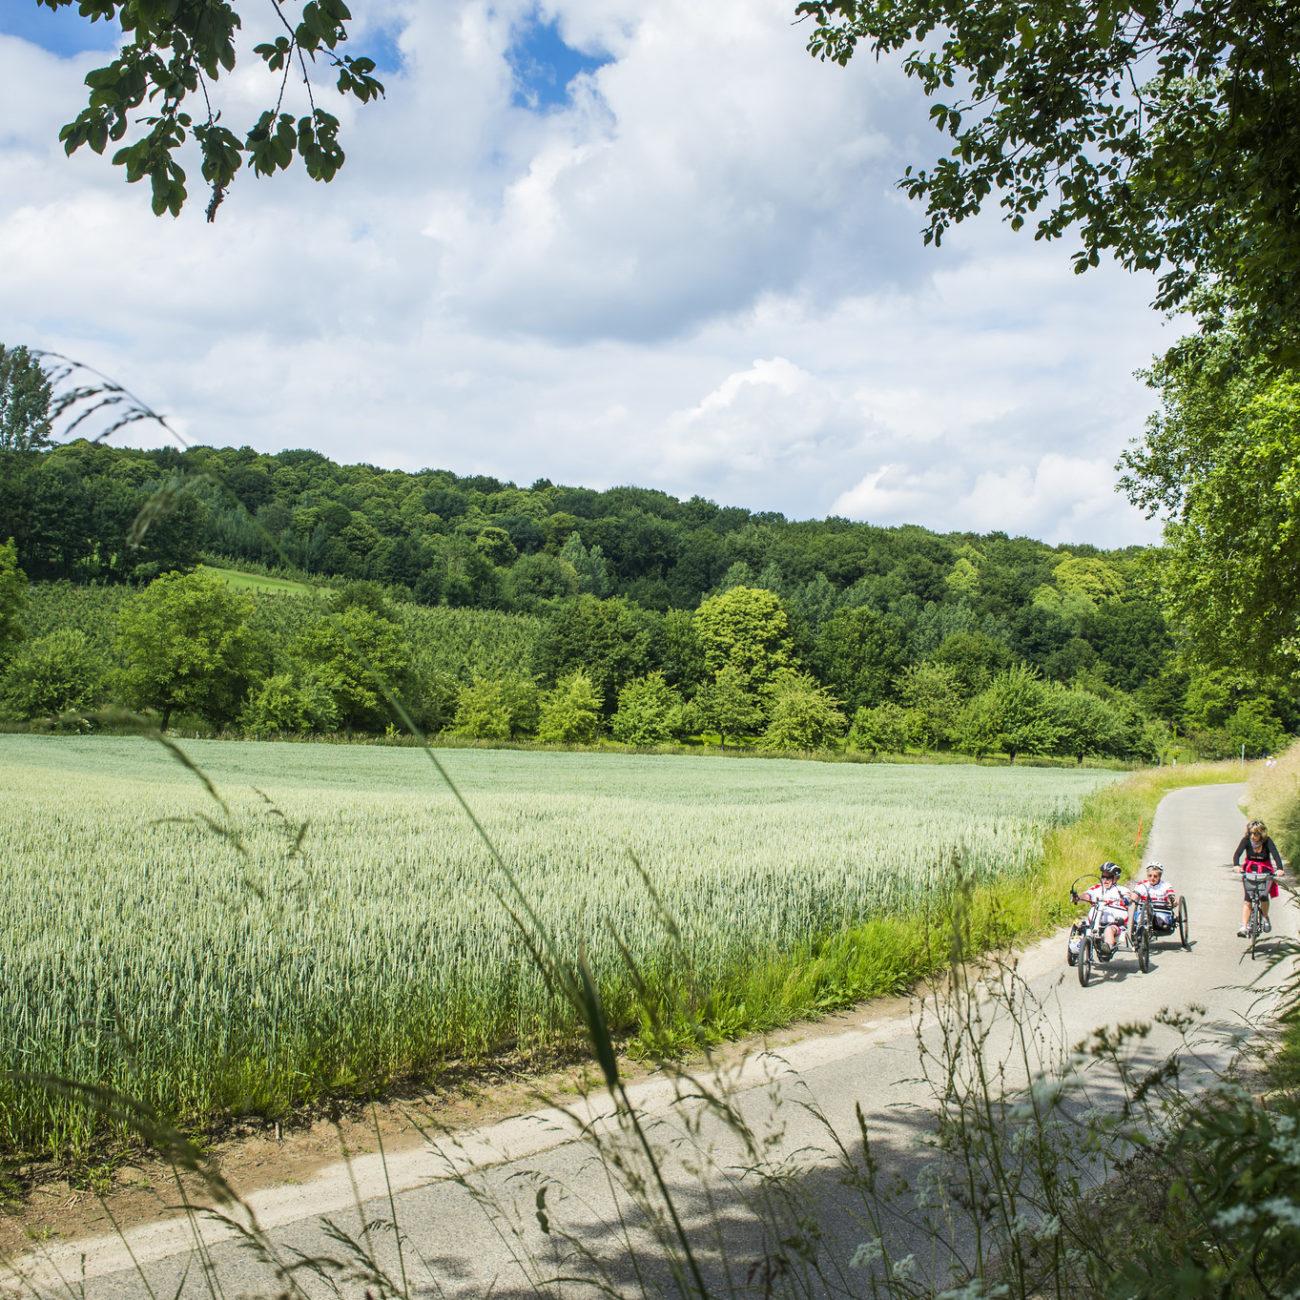 Tijdens een vakantie België fietsen over een landweg in Hageland. Langs maisvelden en door bossen.